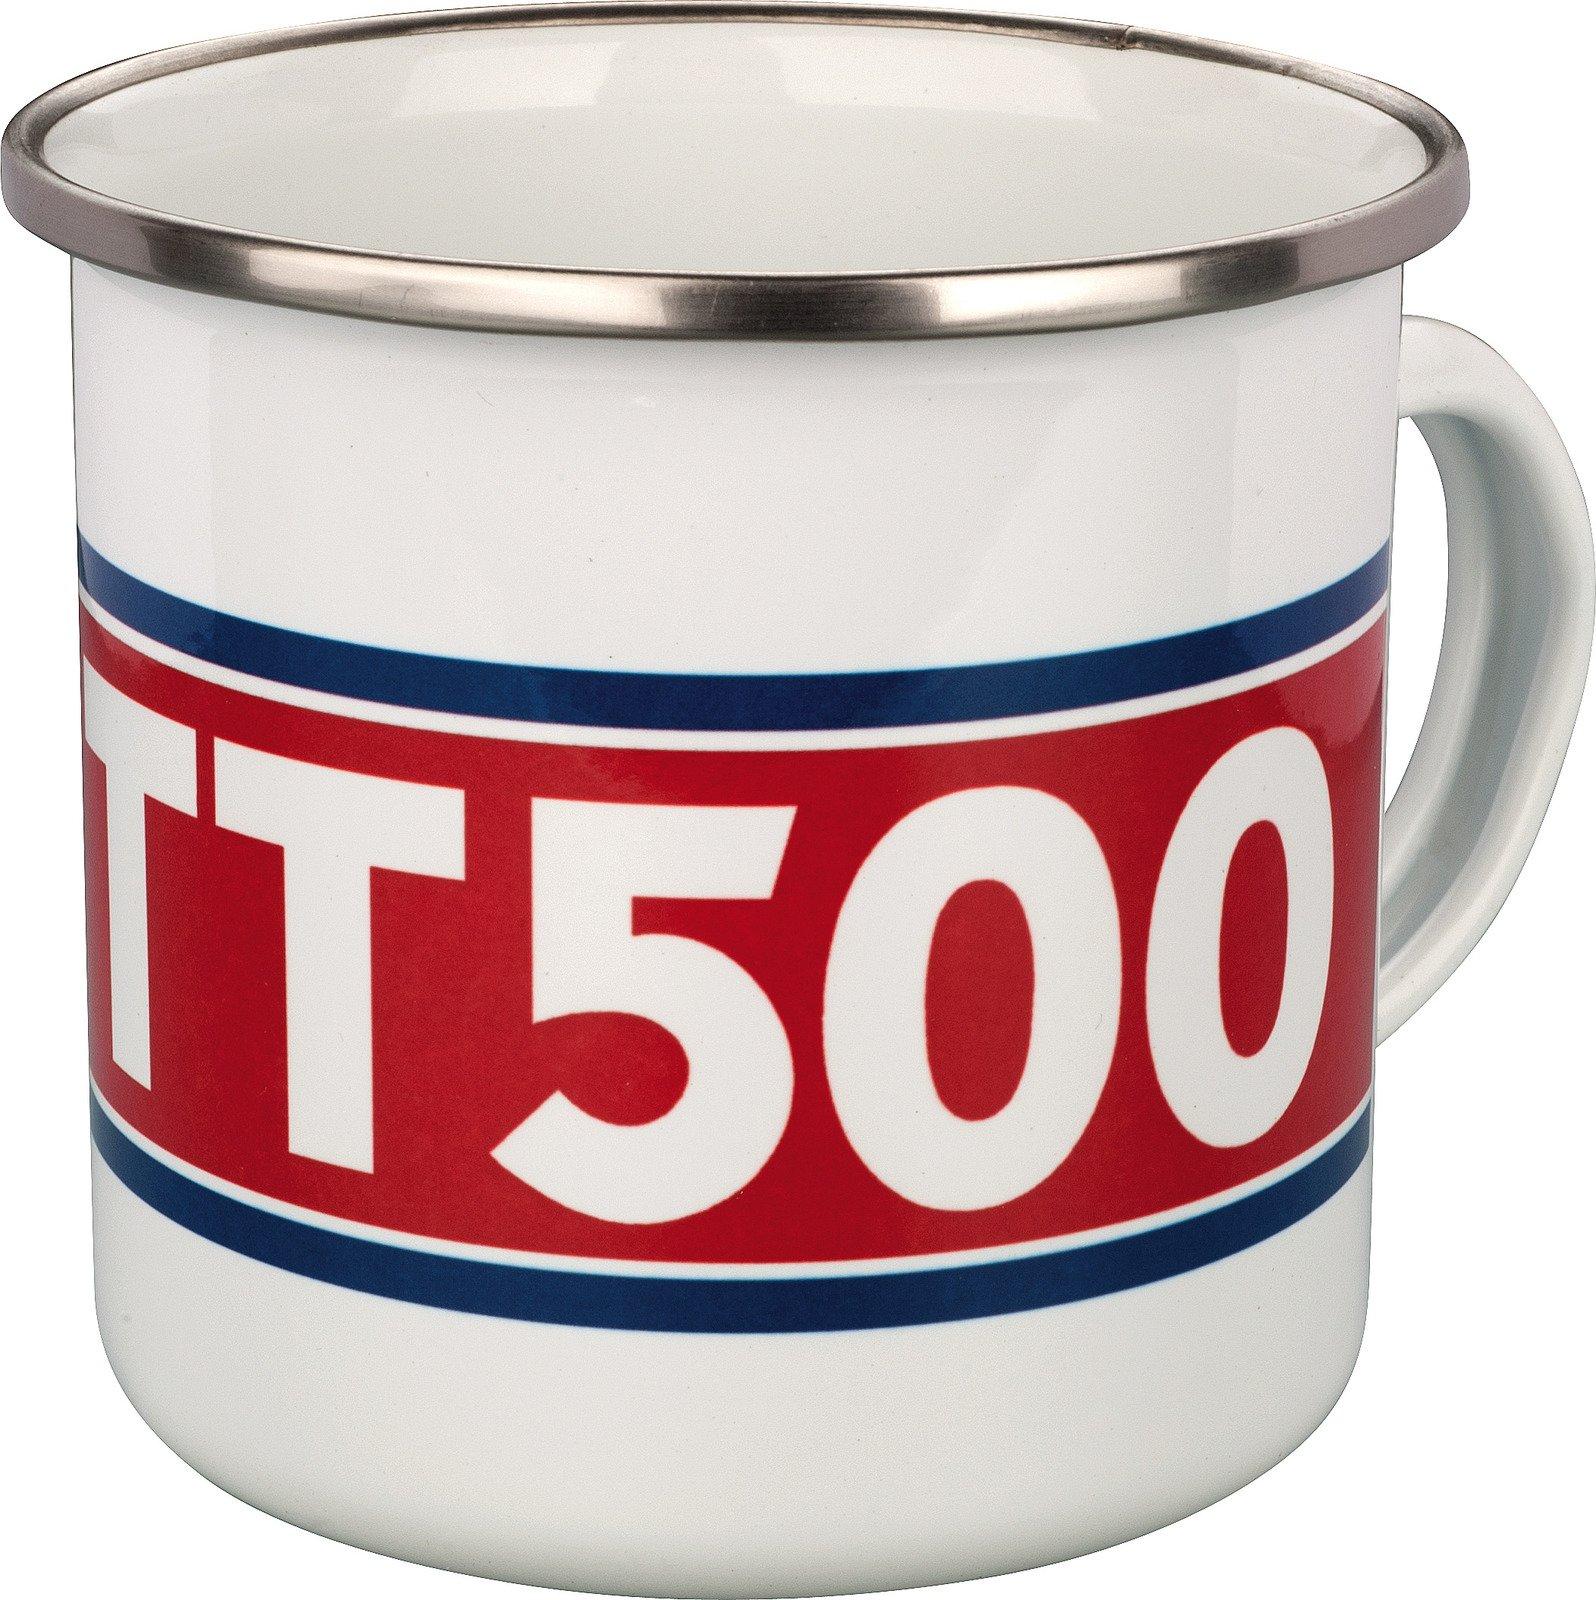 Nostalgia Cup 'TT500'